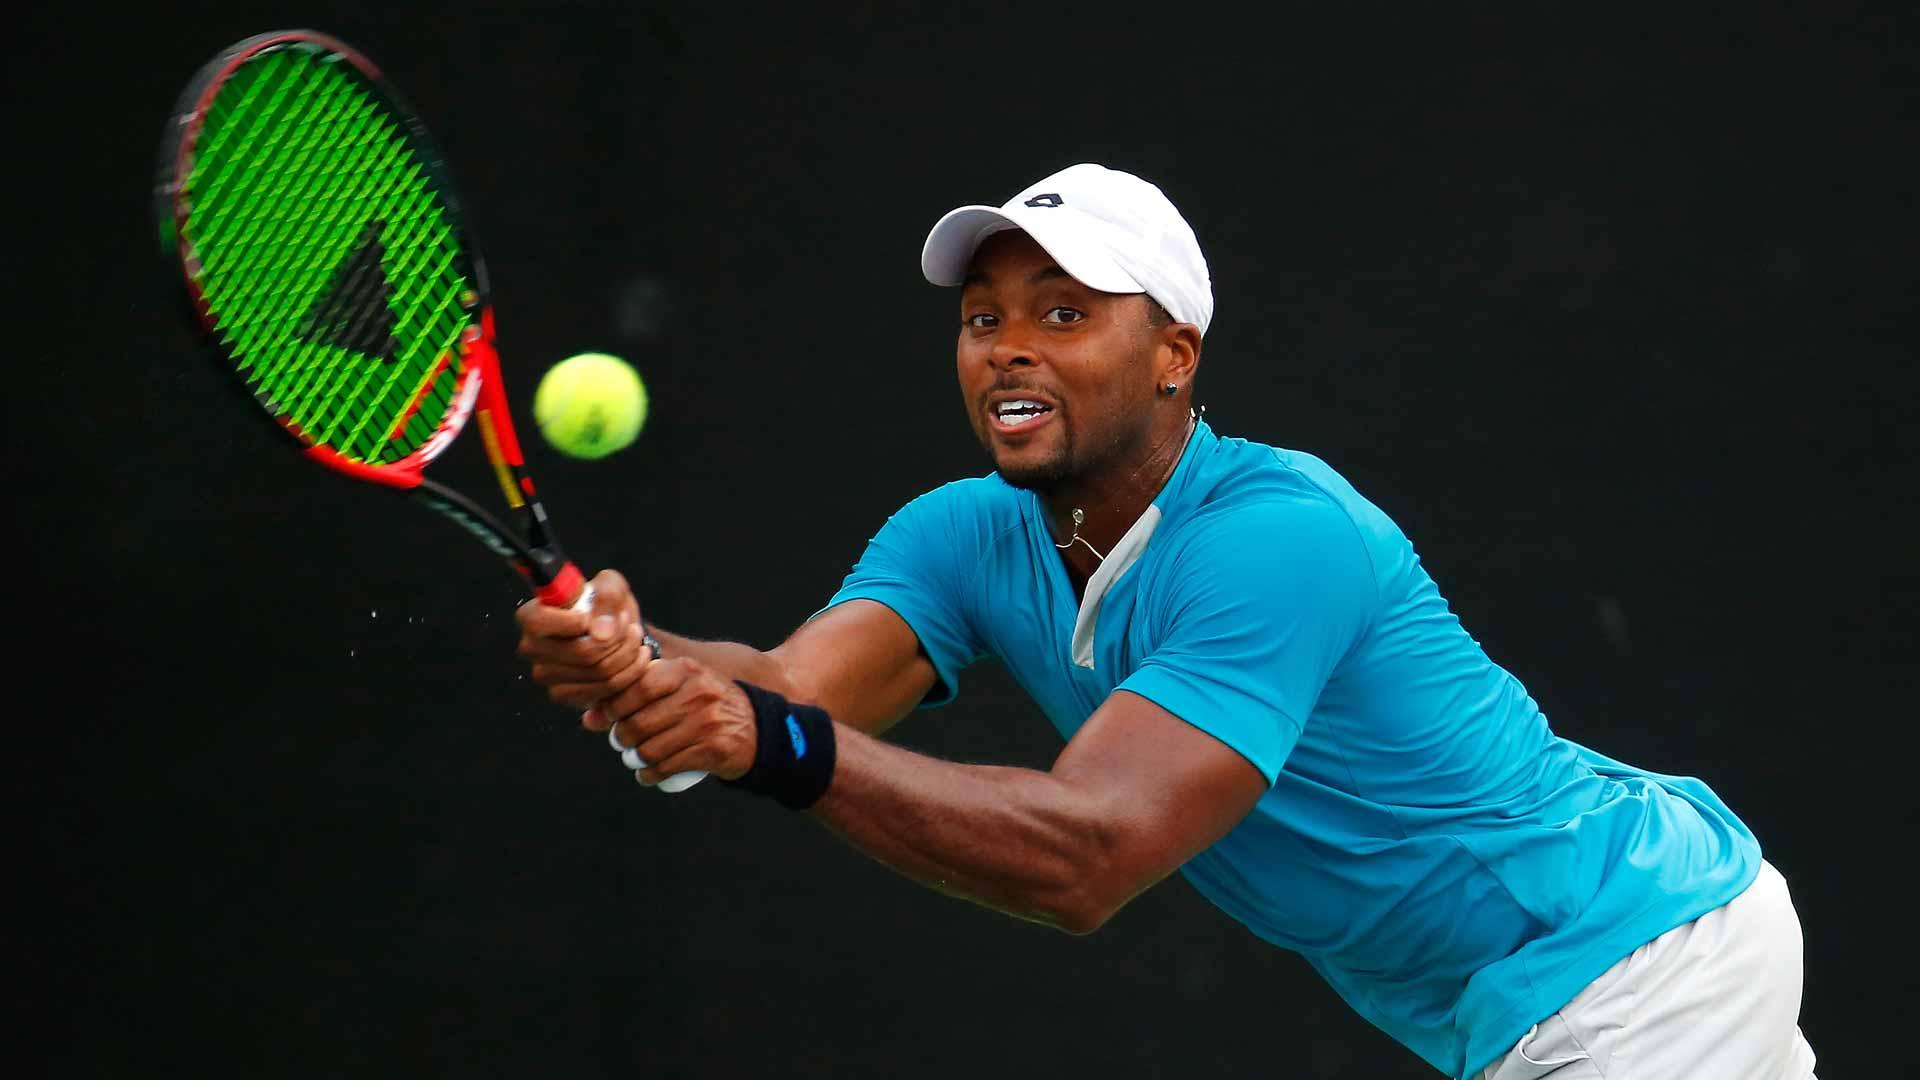 Ponturi Tenis Krajicek – Young – Atlanta (SUA)